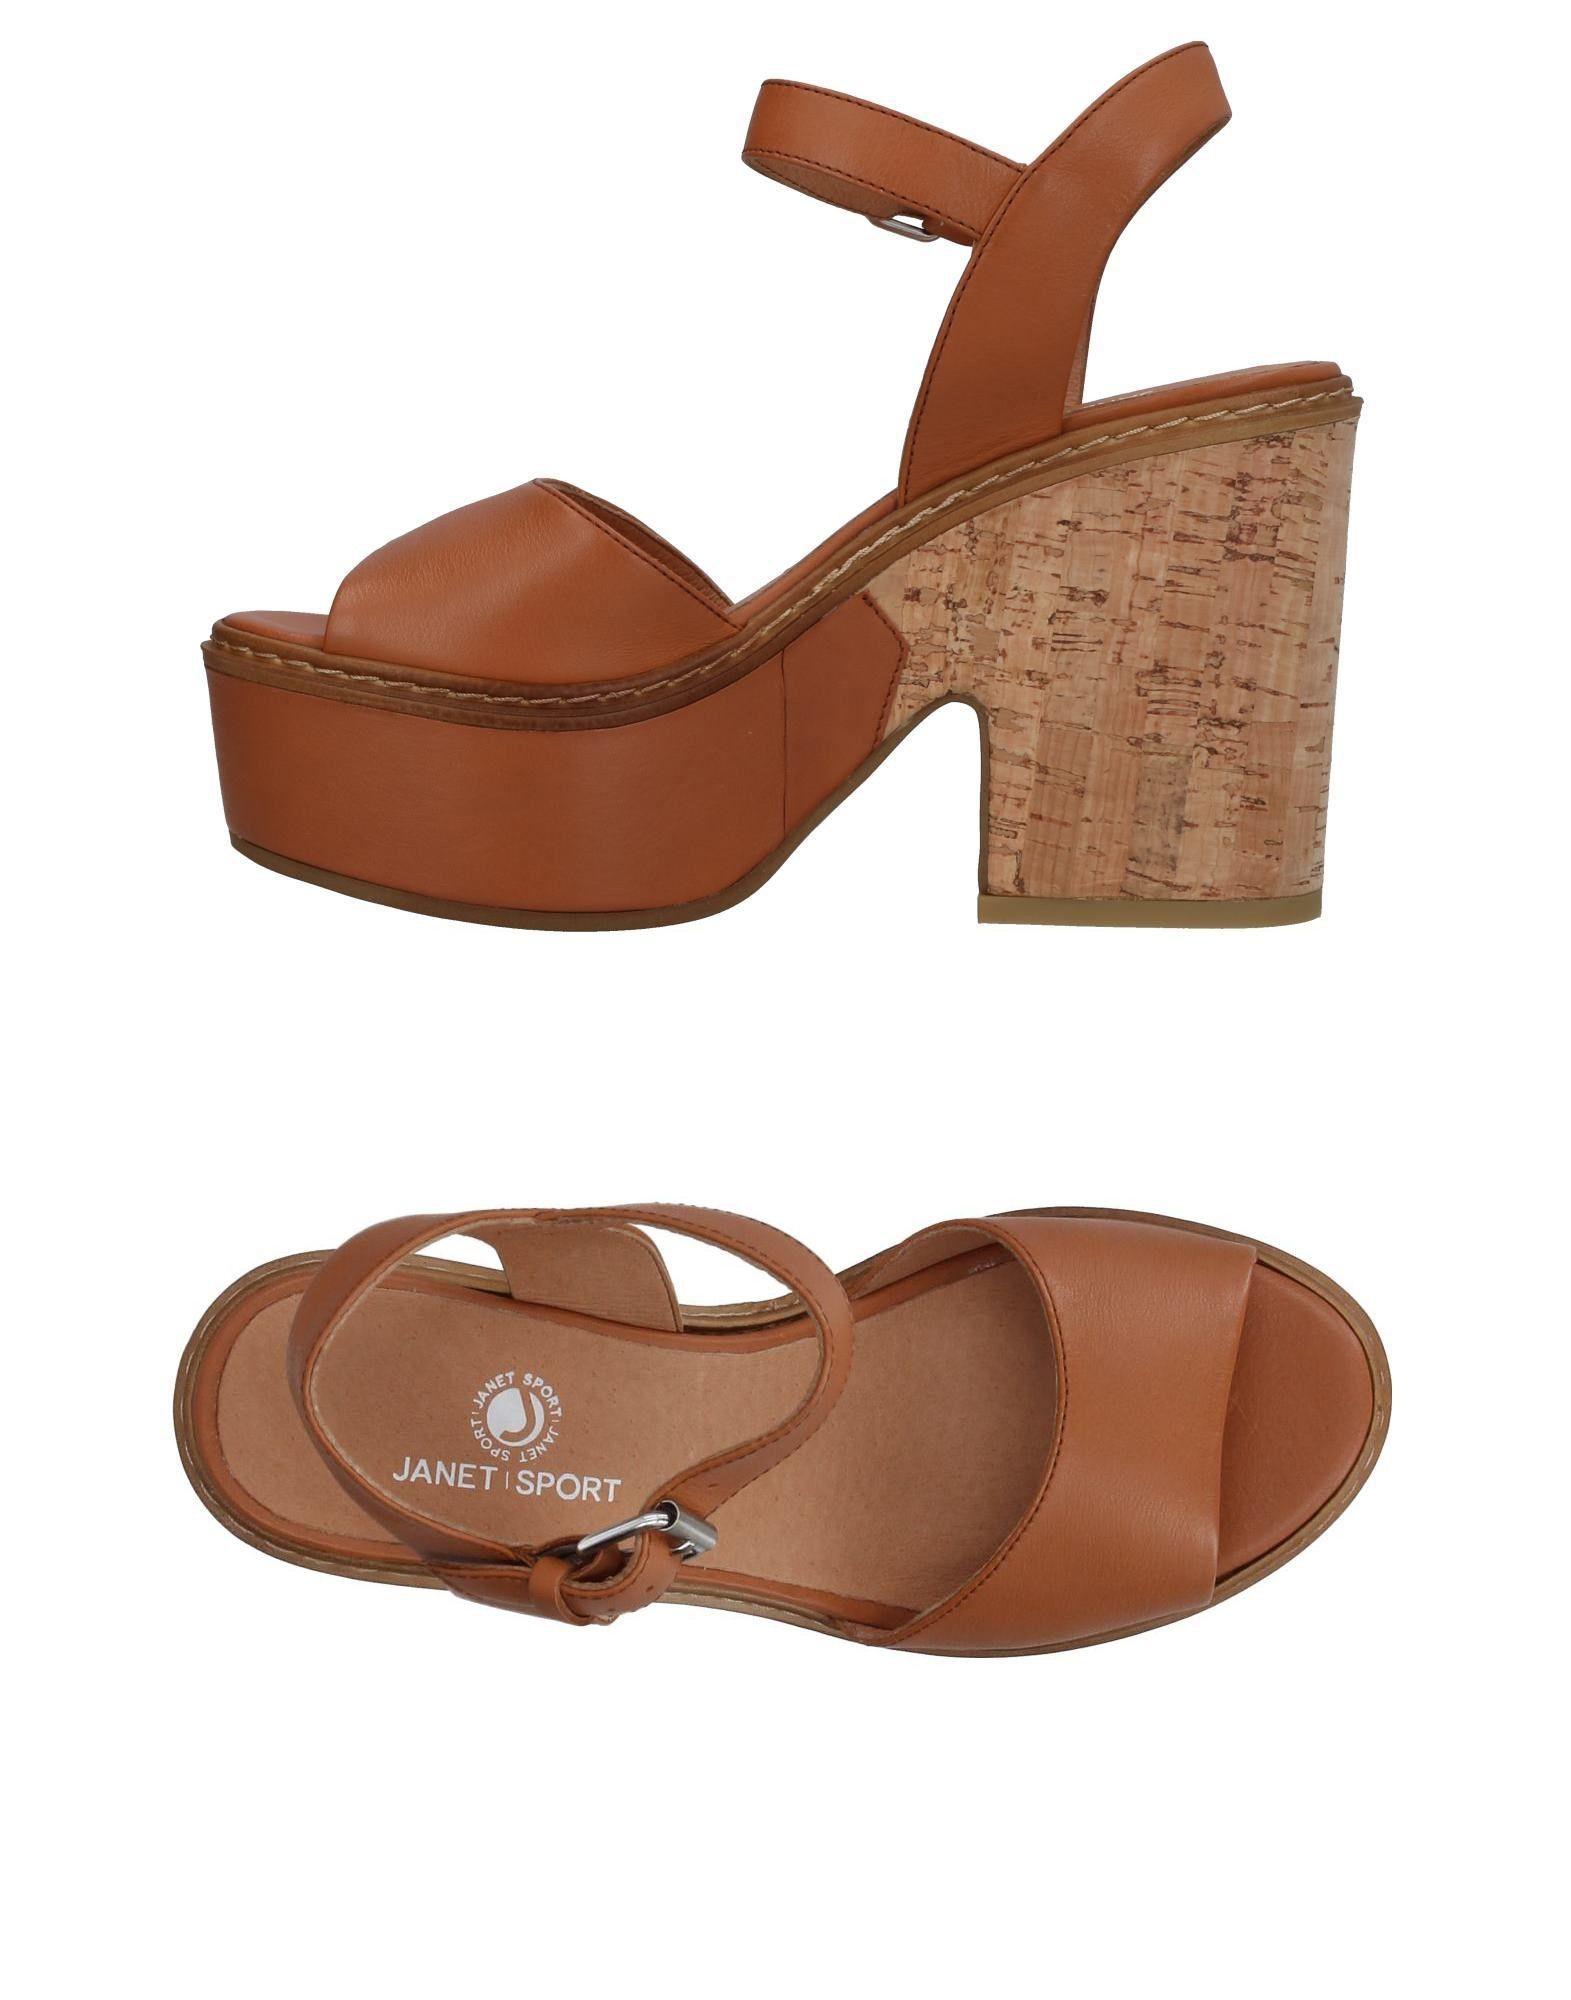 Janet Sport Sandalen Damen  11400272JO Gute Qualität beliebte Schuhe